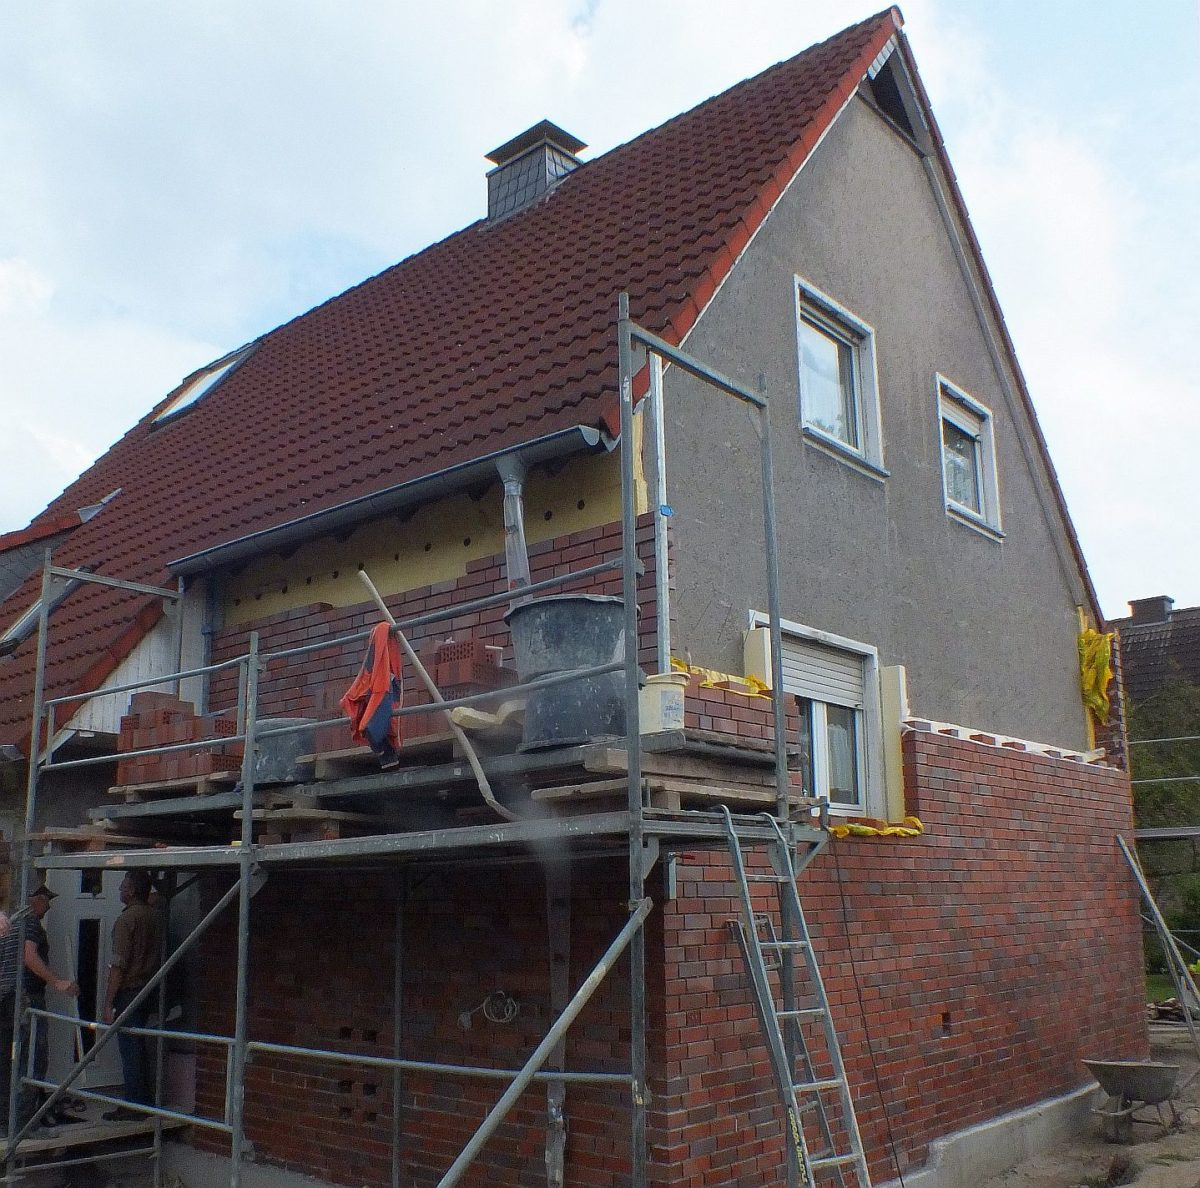 Baustelle eines Einfamlienwohnhaus, von unten hoch wird der alte verputzte Bau neu verklinkert und gedämmt